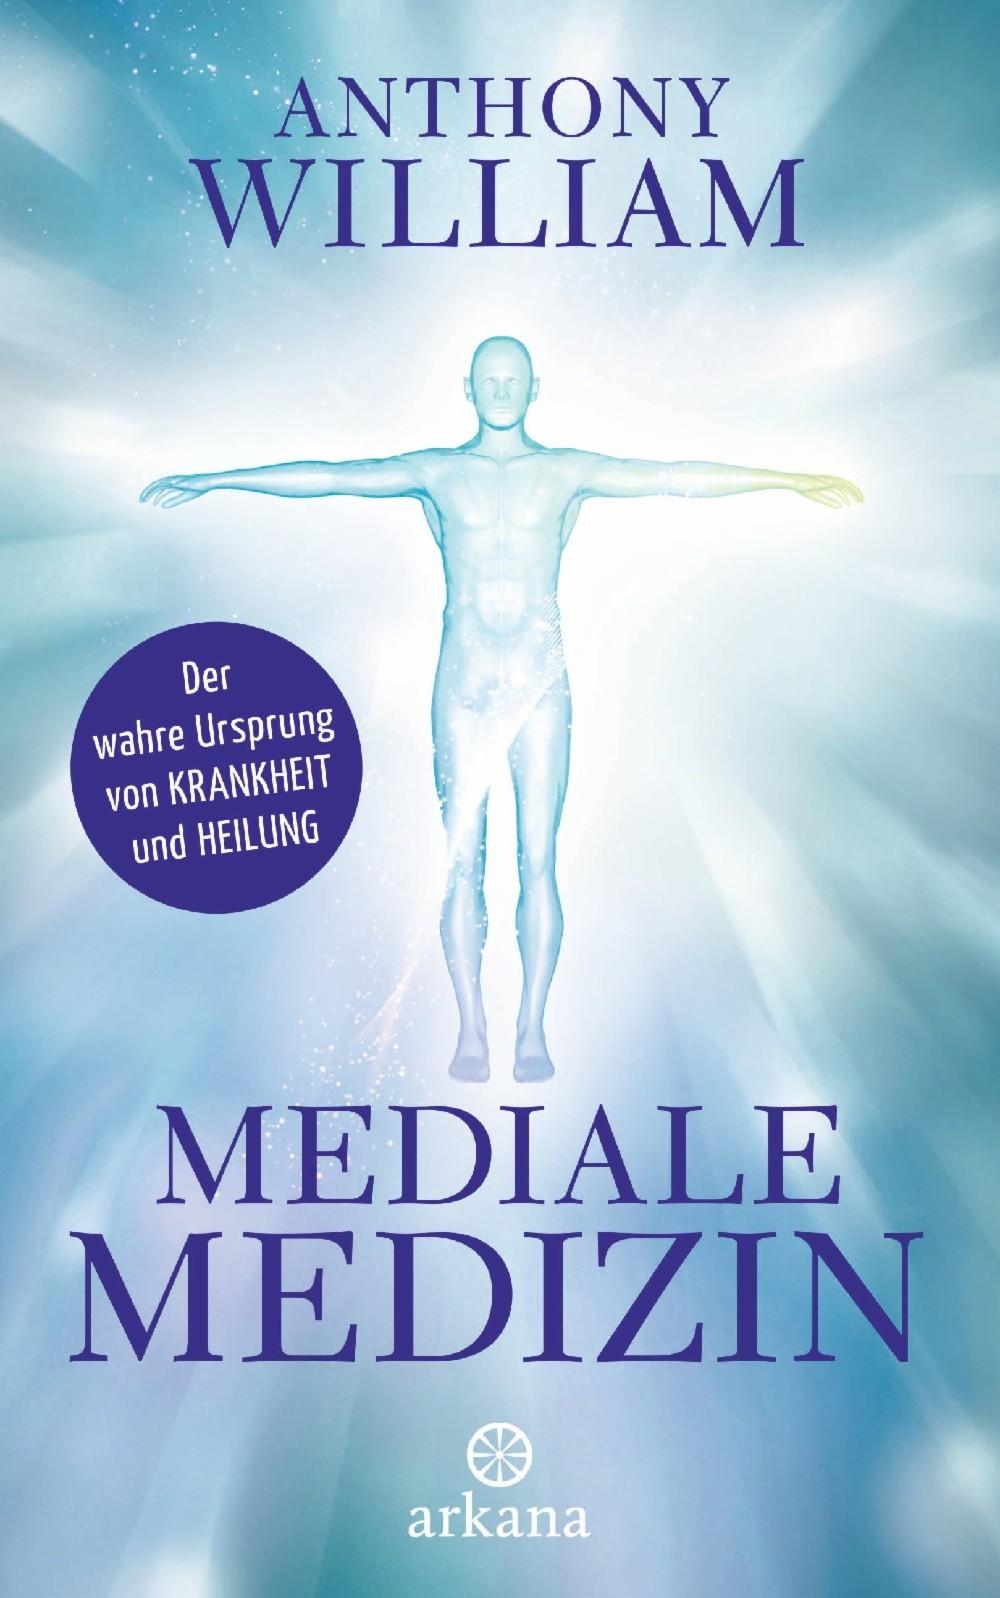 Mediale Medizin Anthony William Hardcover NEU